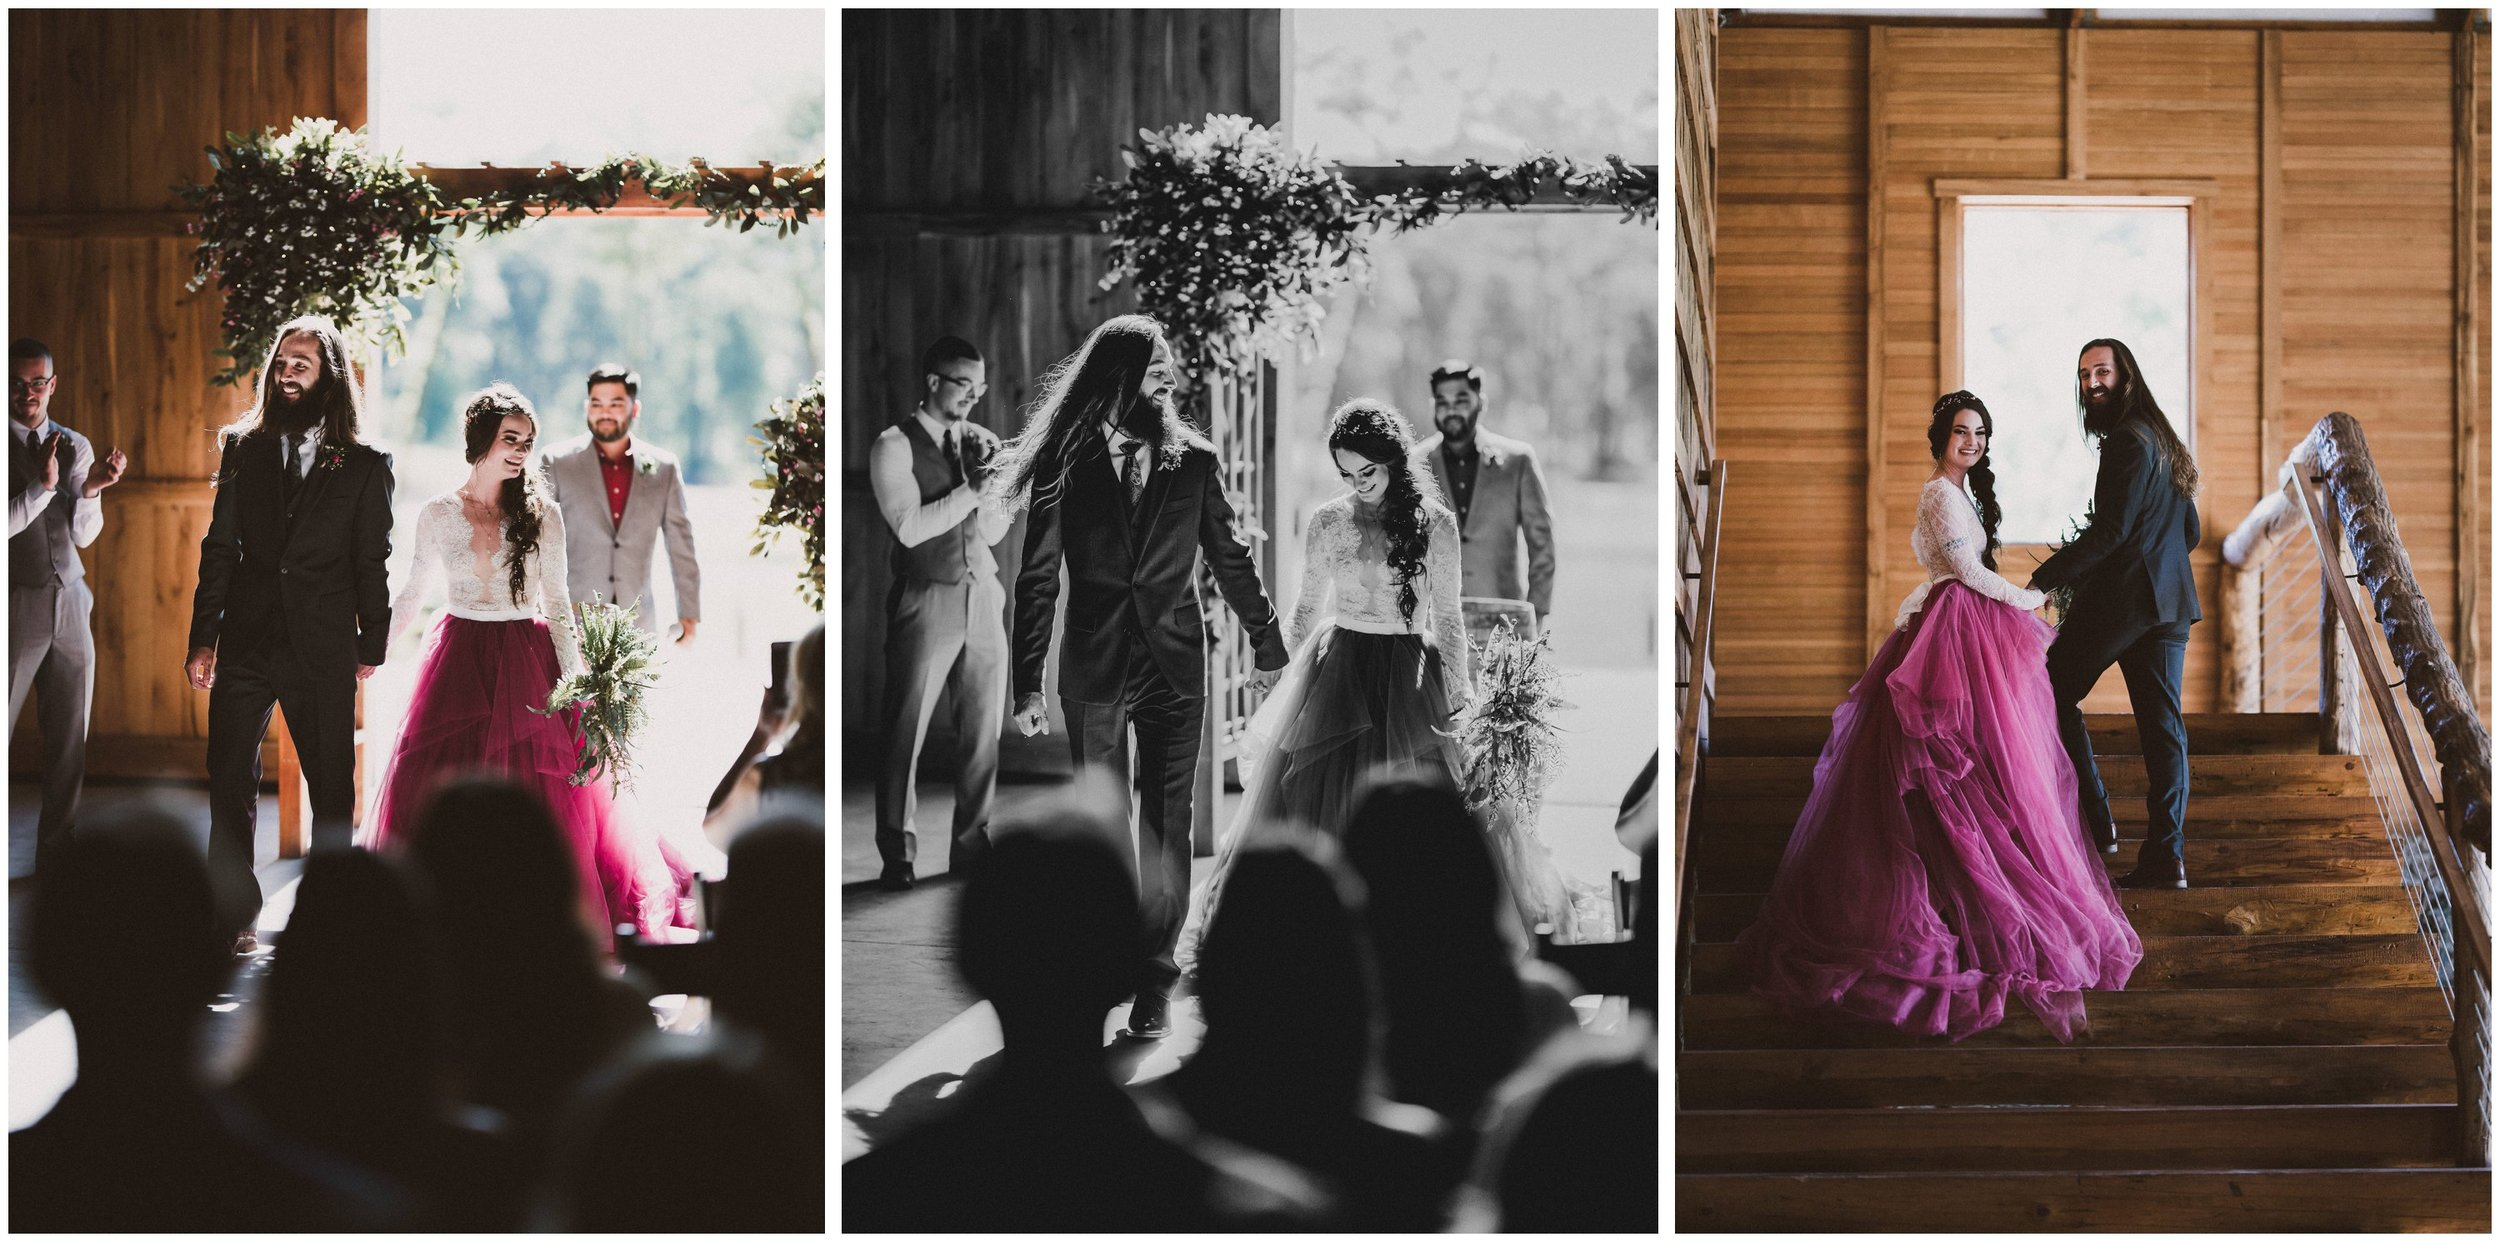 TONY-GAMBINO-PHOTOGRAPHY-BEND-OREGON-WEDDING-SHOOT-000_1525.jpg